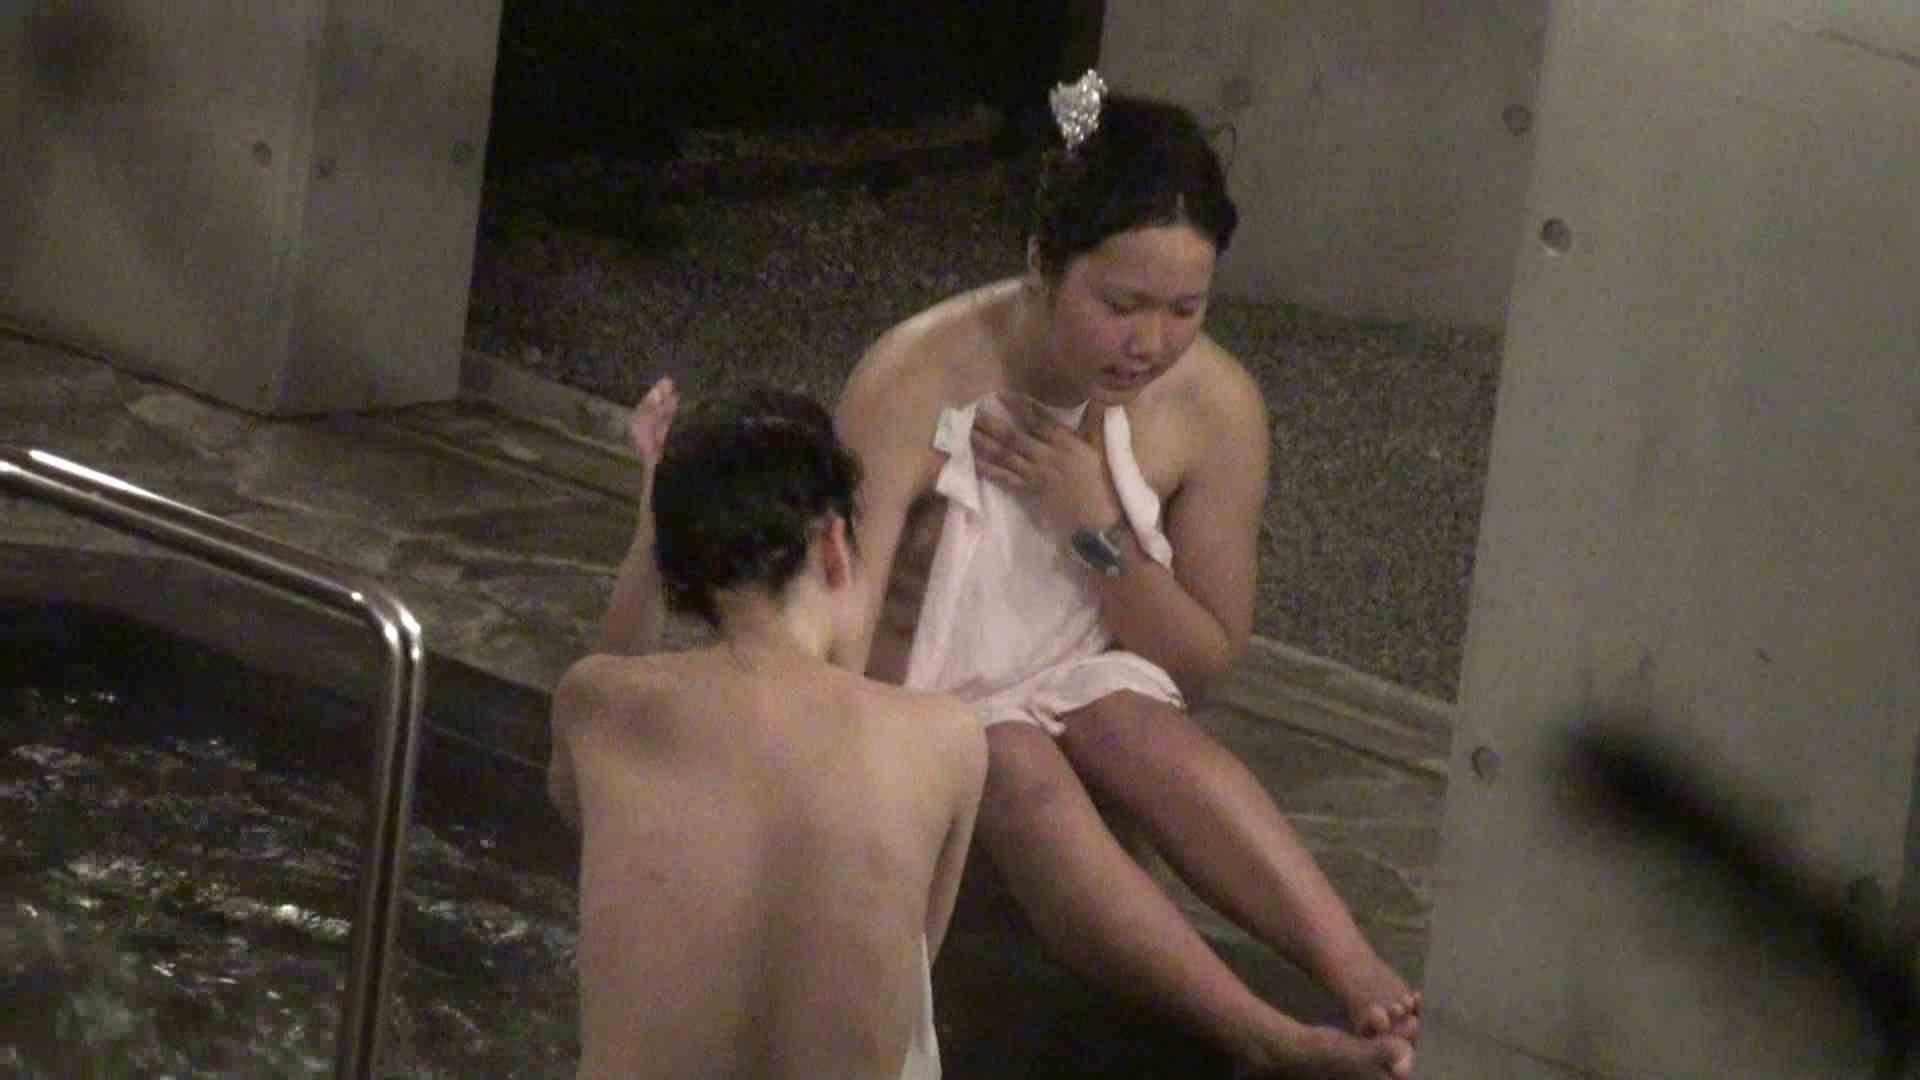 Aquaな露天風呂Vol.382 OLエロ画像 | 盗撮  78PICs 13